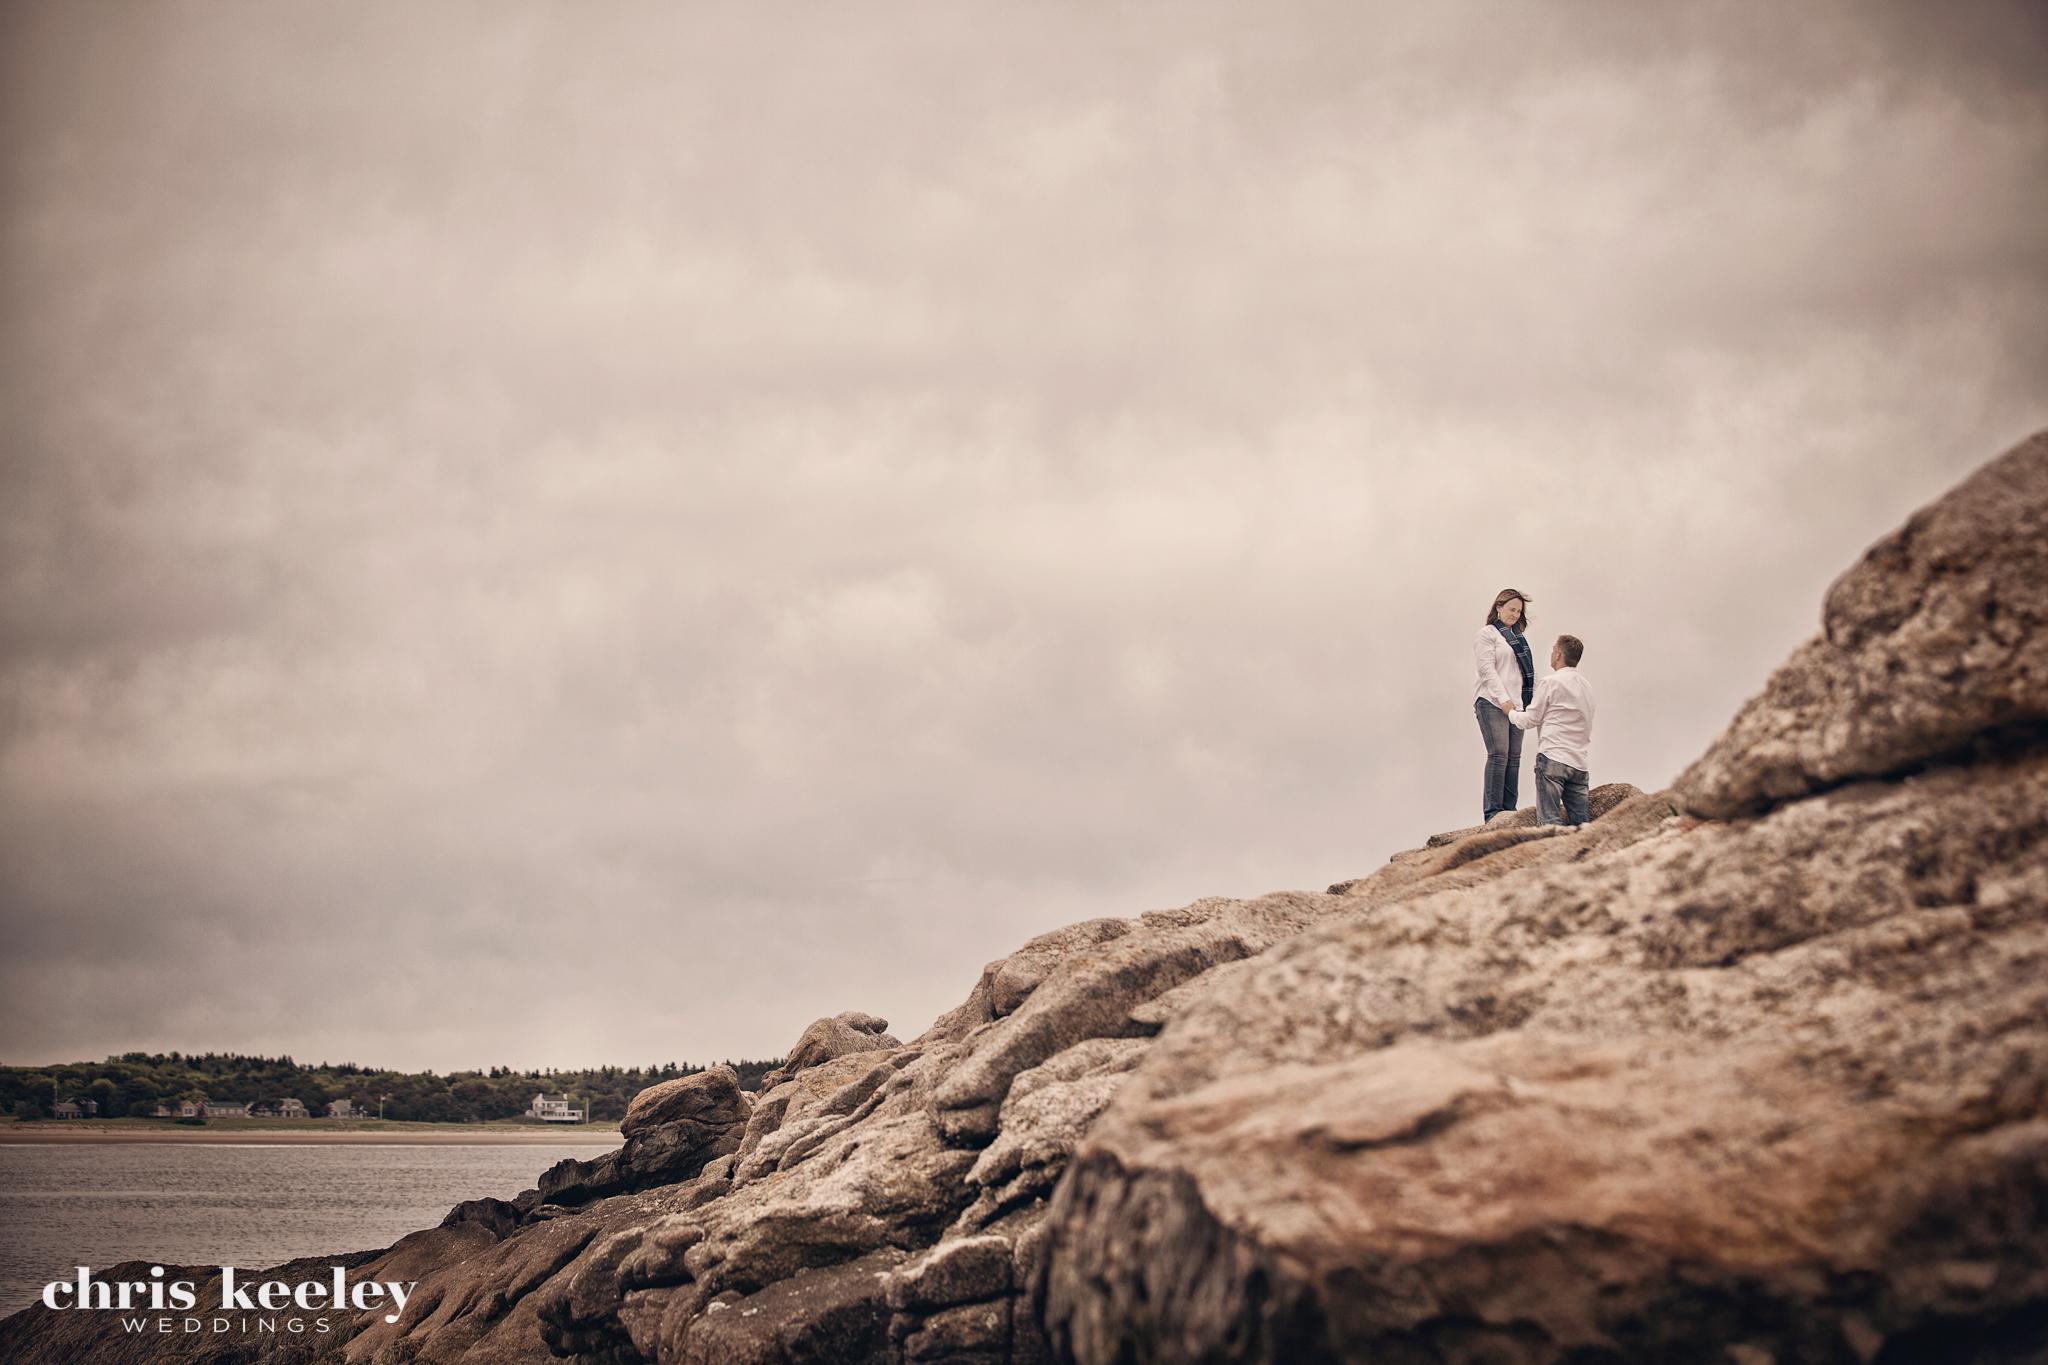 262-Chris-Keeley-Weddings-77 wmk.jpg